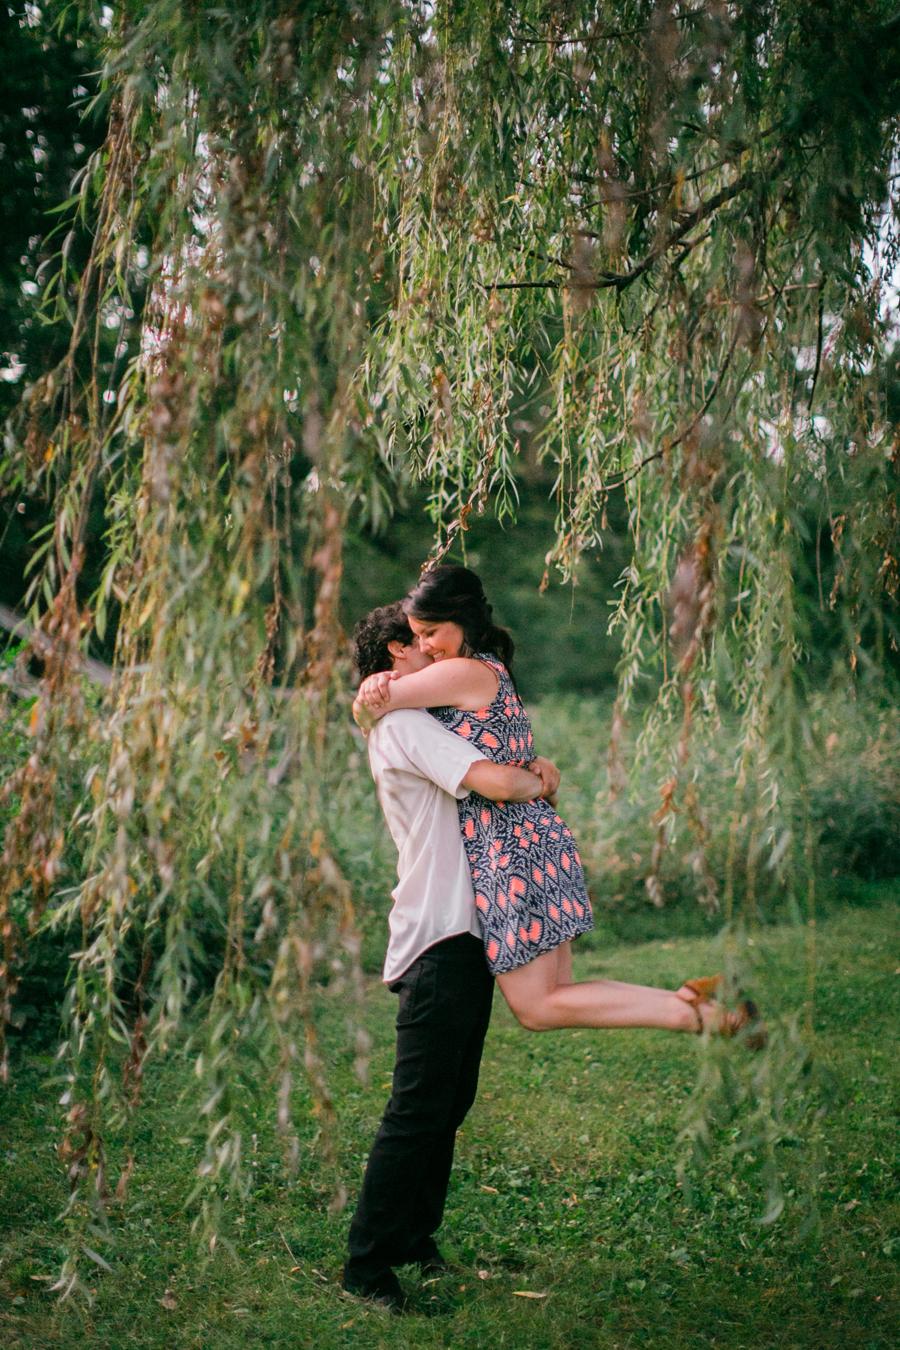 morton-arboretum-engagement-photos011